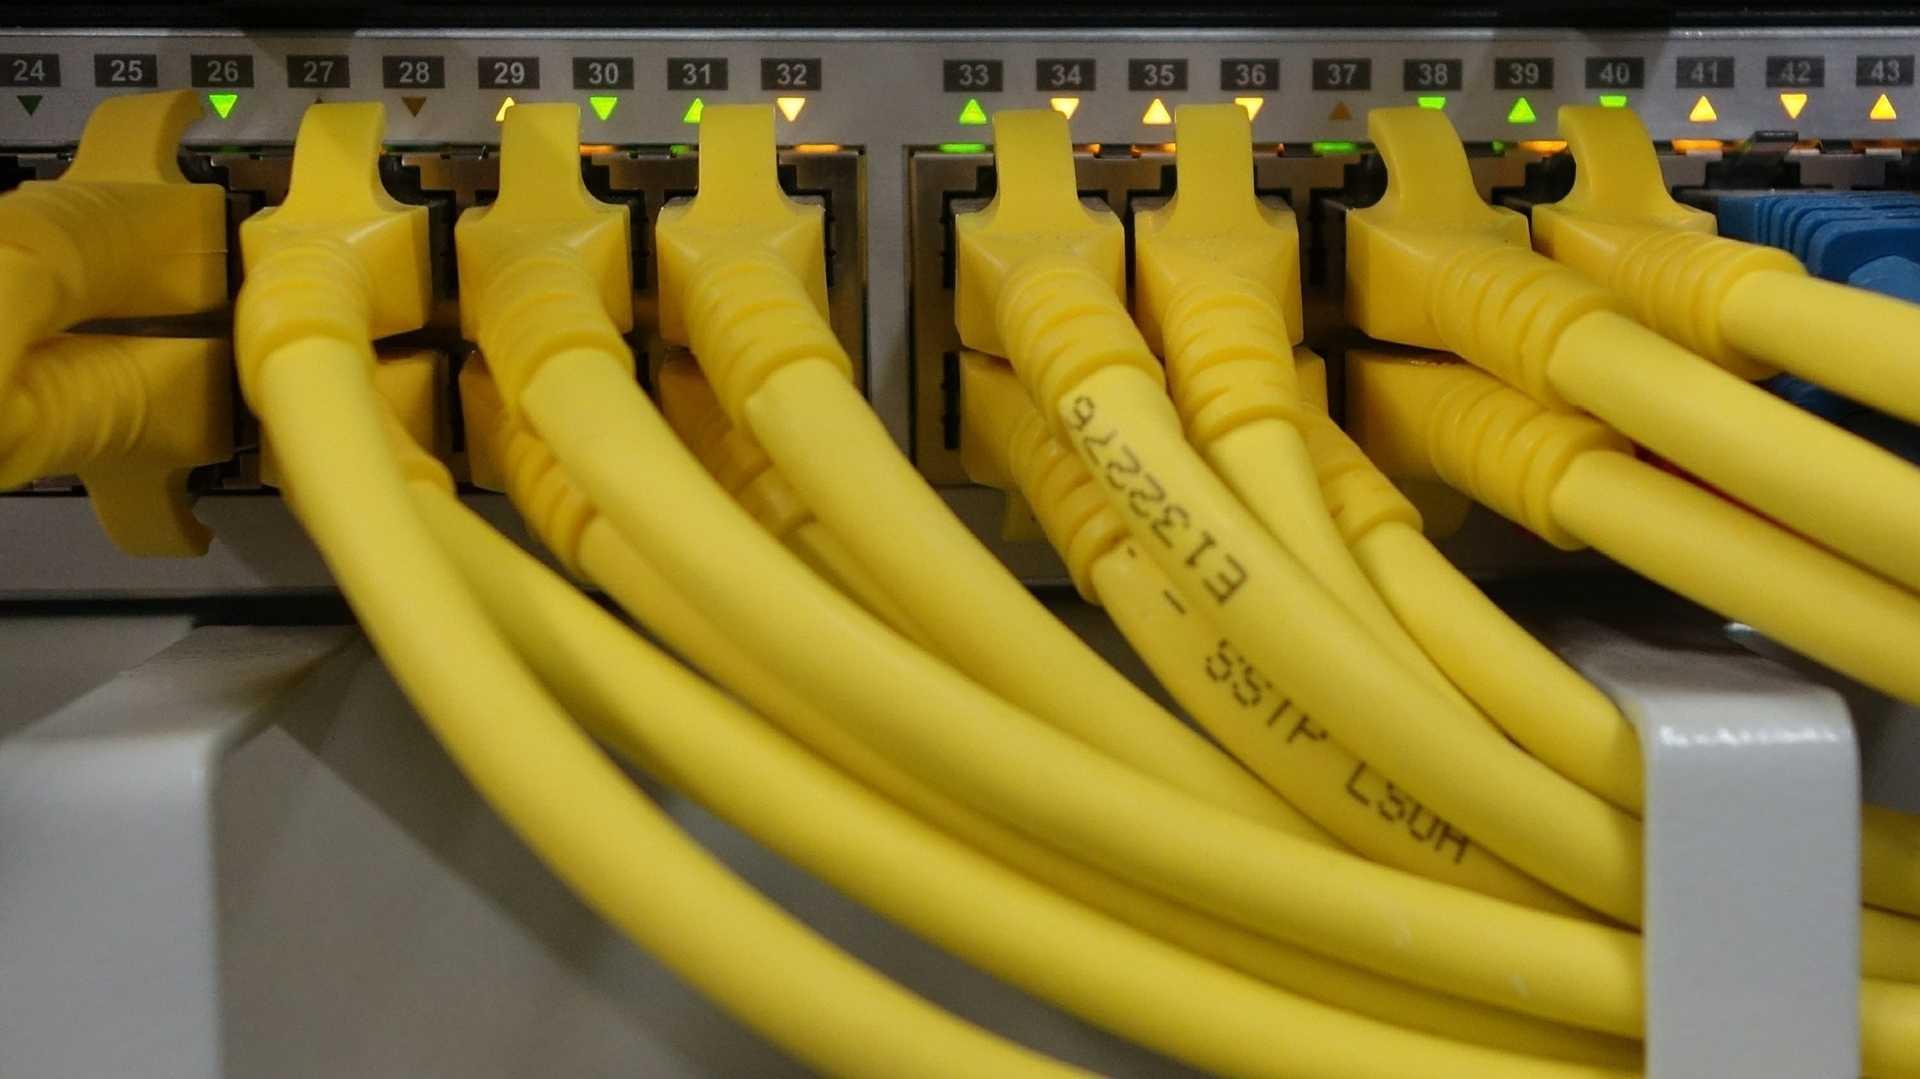 Millionen fremder Namen zur Abschaffung der Netzneutralität missbraucht